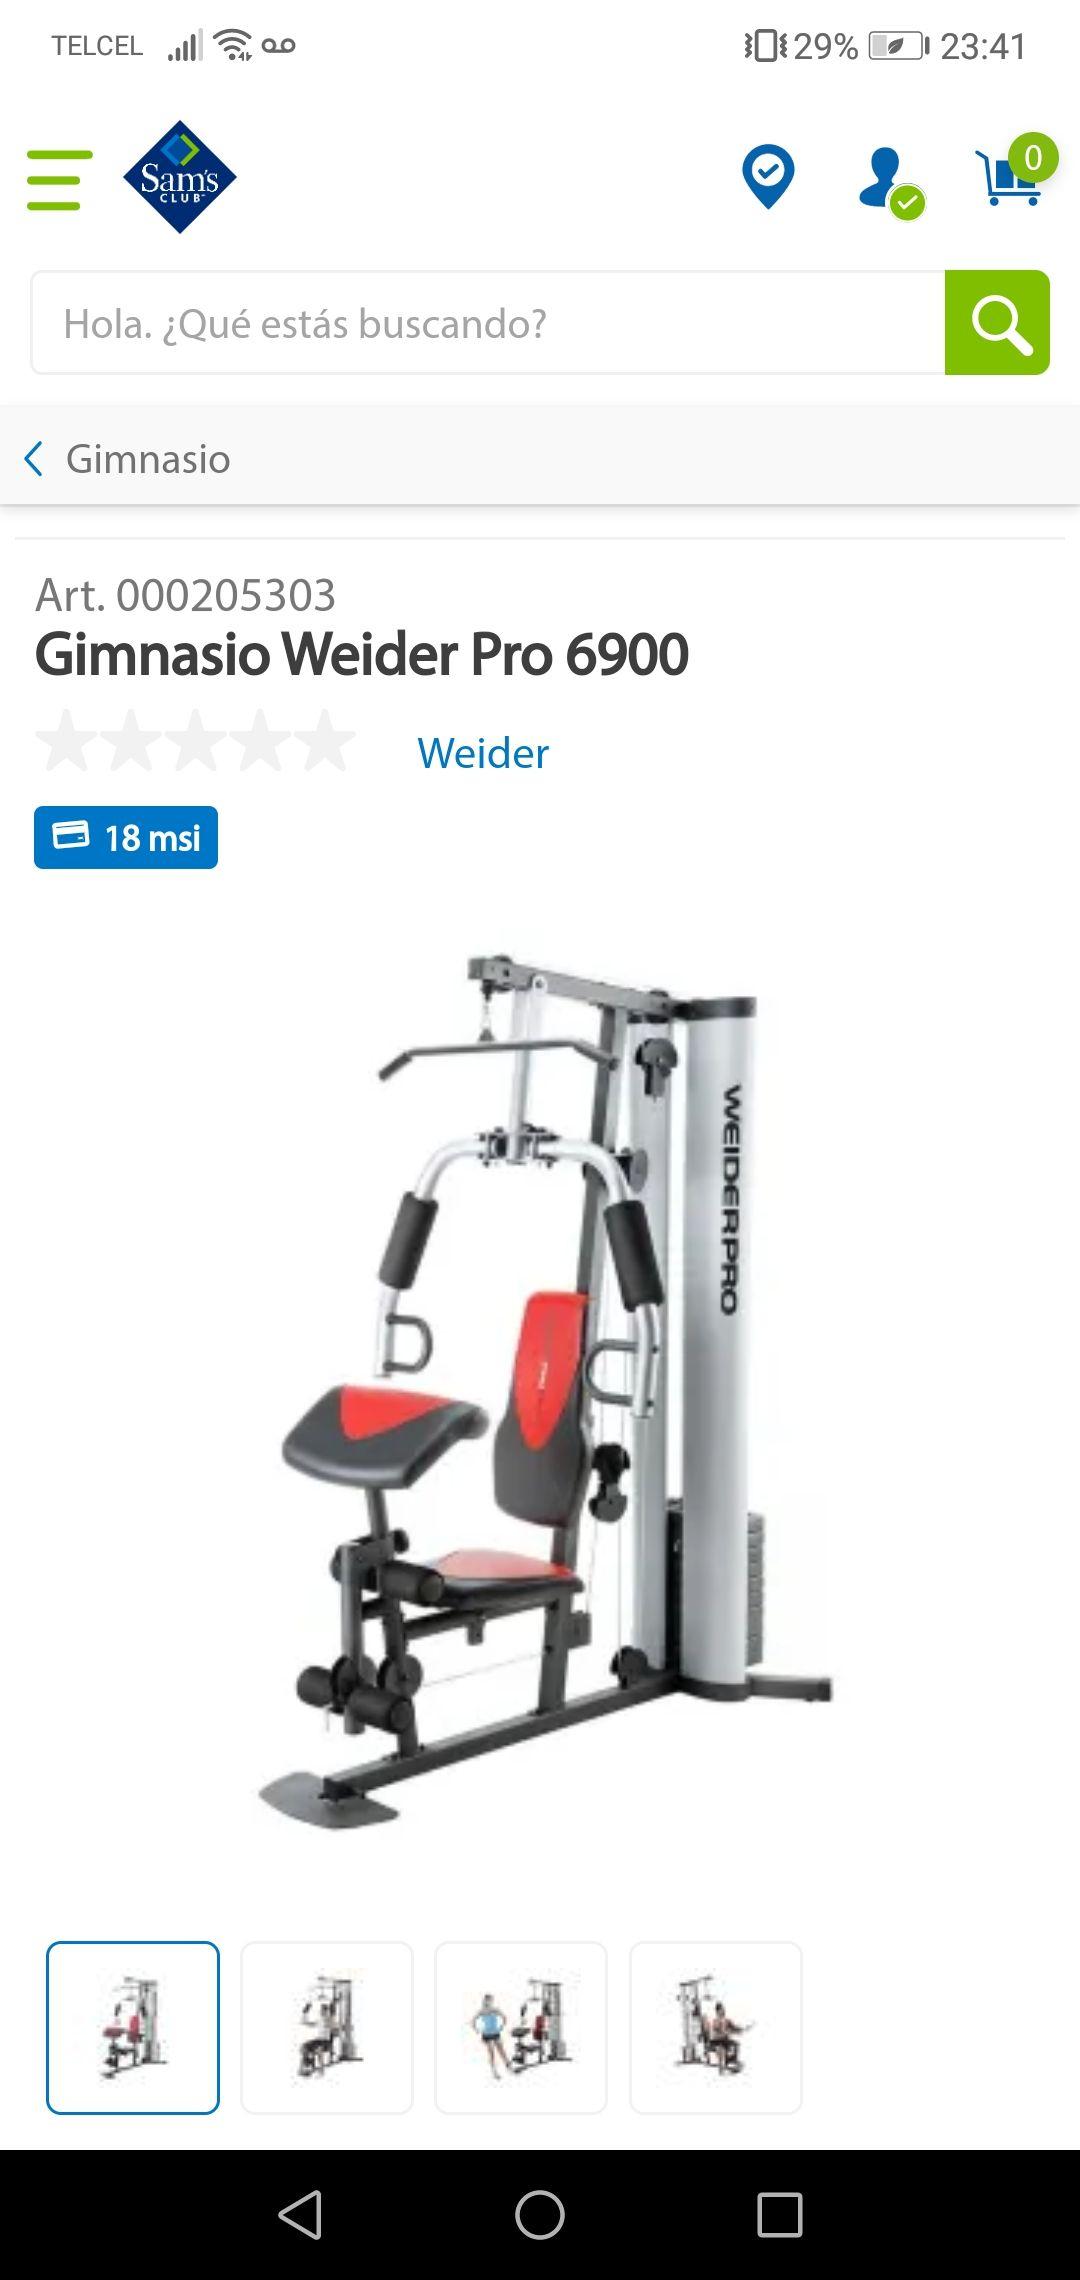 Sam's Club: Gimnasio Weider pro 6900